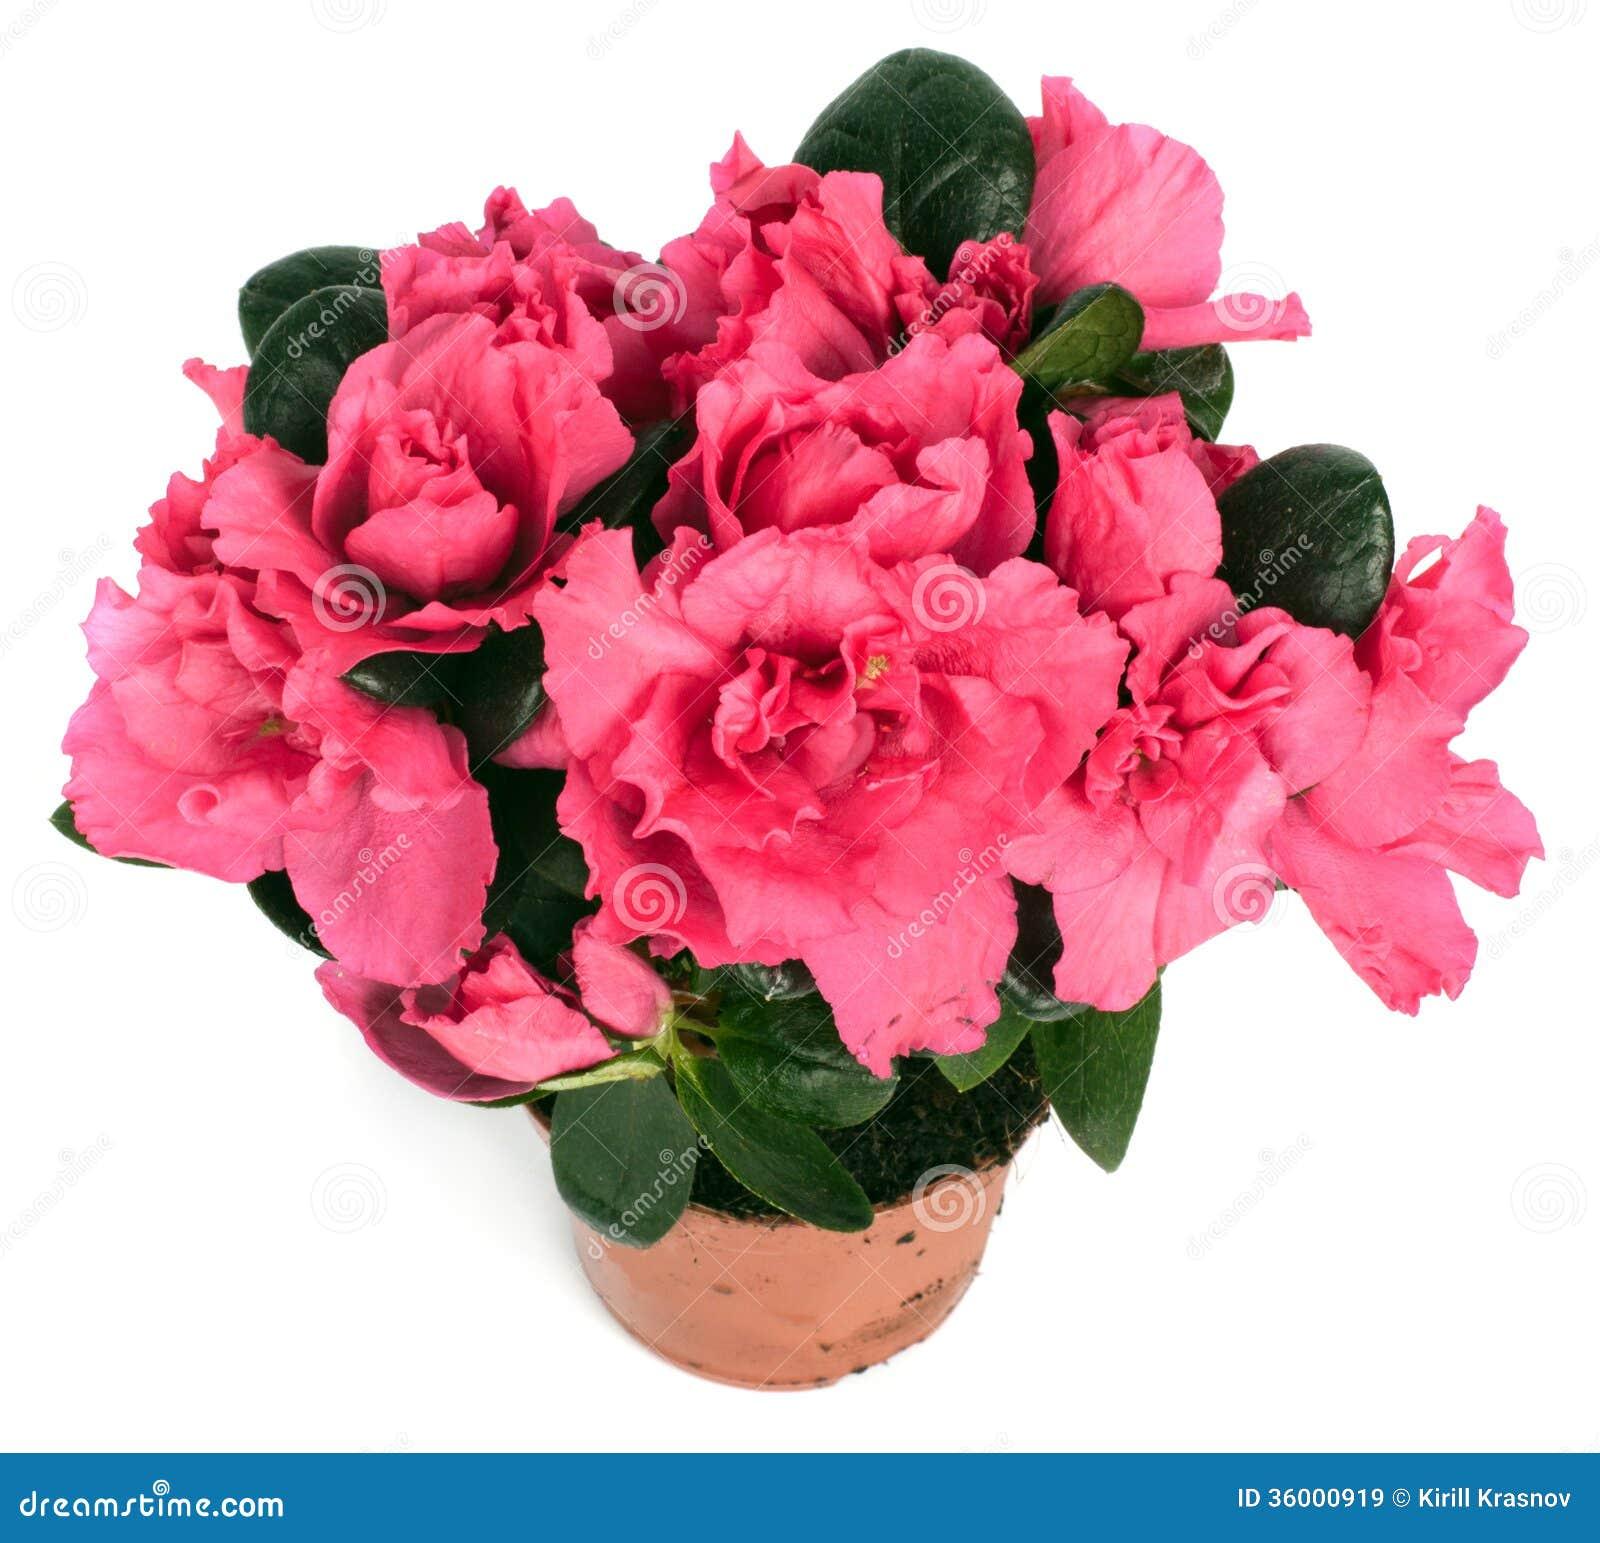 Primula rosa in vaso da fiori immagine stock immagine - Fiori da vaso perenni ...